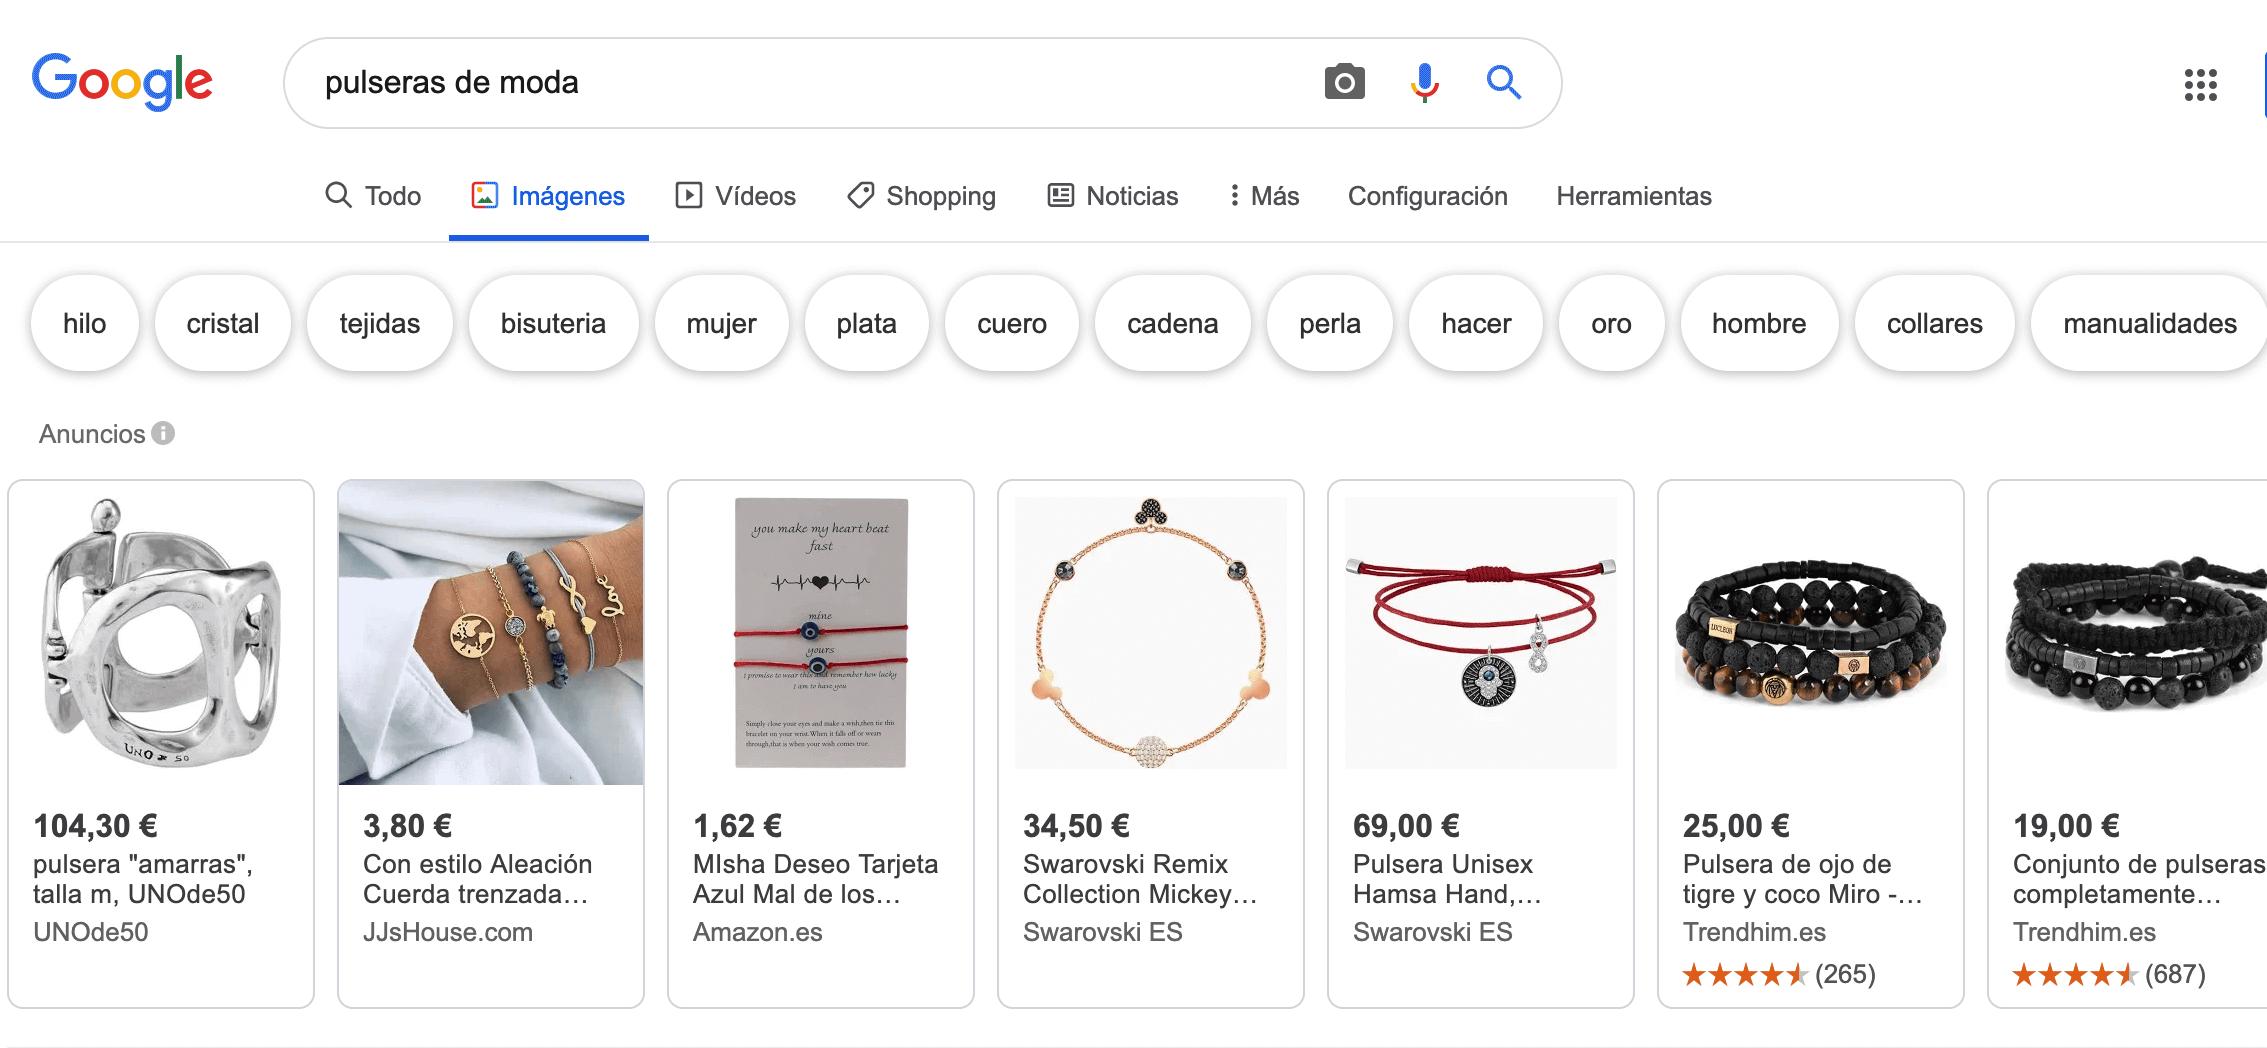 Palabras que sugiere Google Imágenes